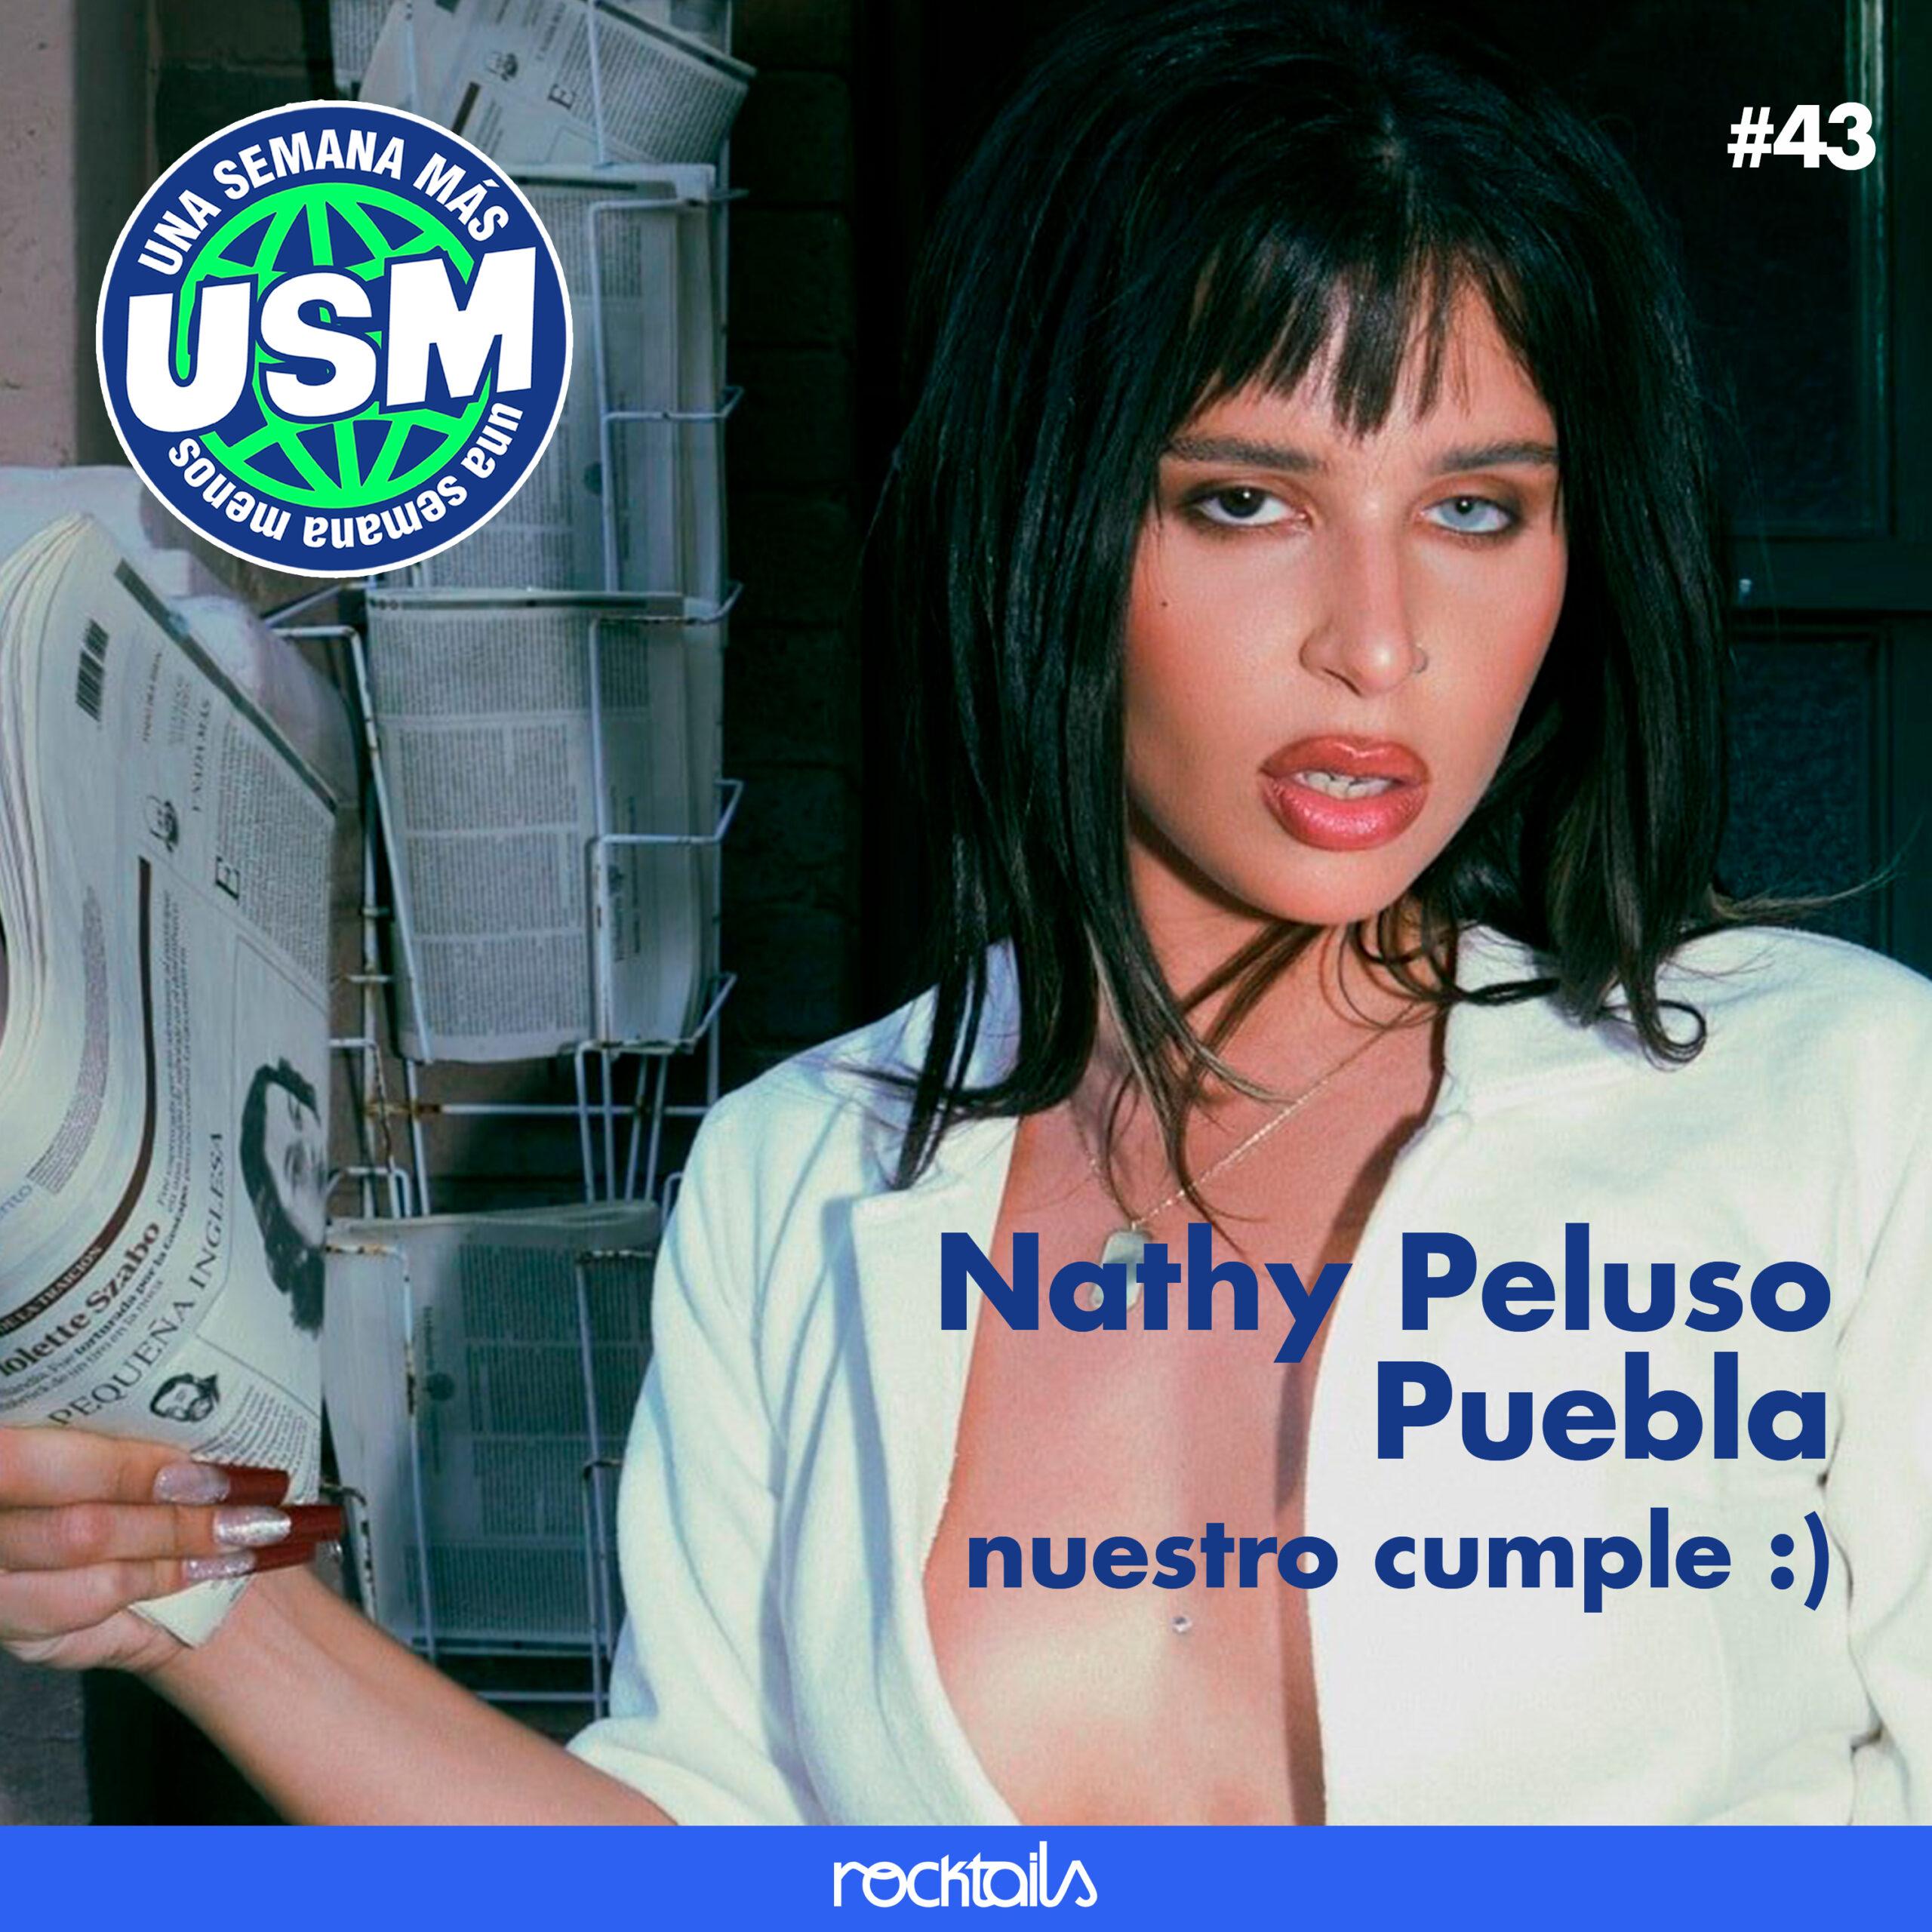 USM_43 mafiosa